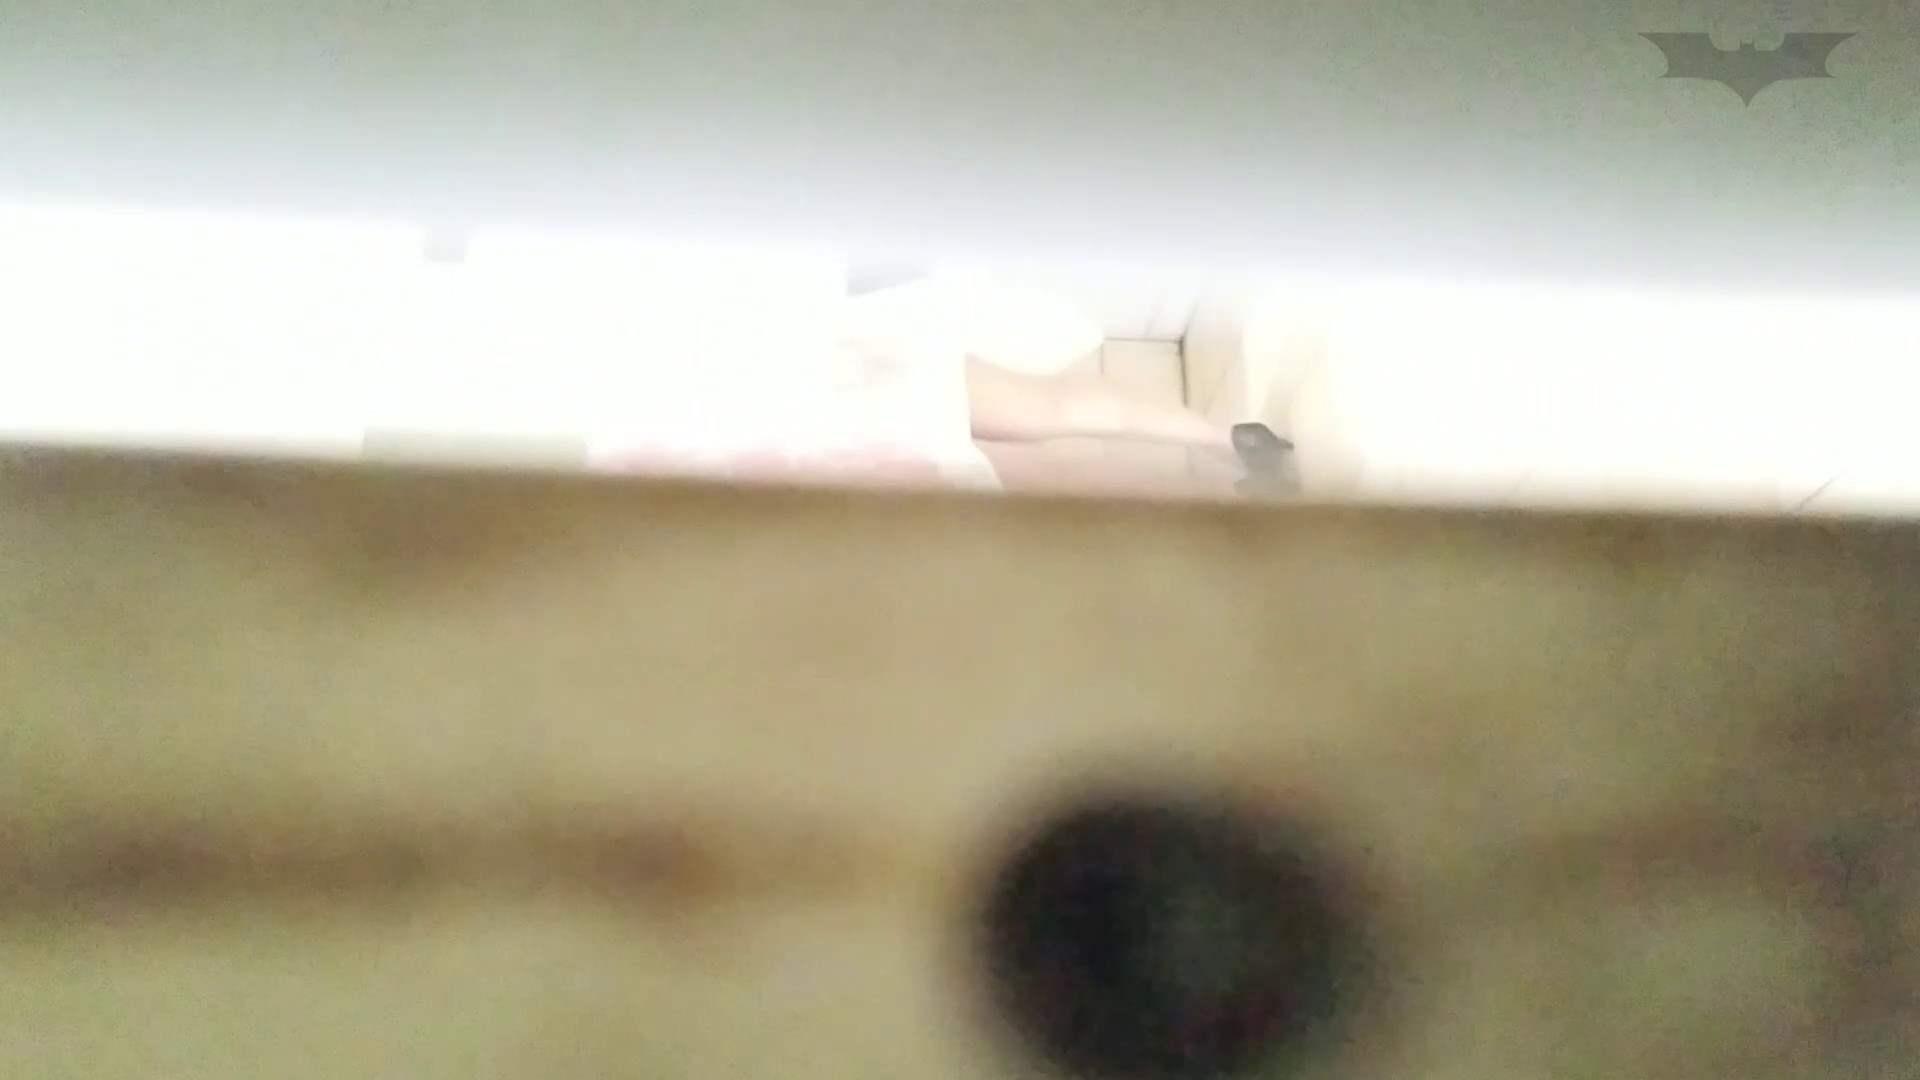 JD盗撮 美女の洗面所の秘密 Vol.75 高評価 オマンコ動画キャプチャ 110画像 74